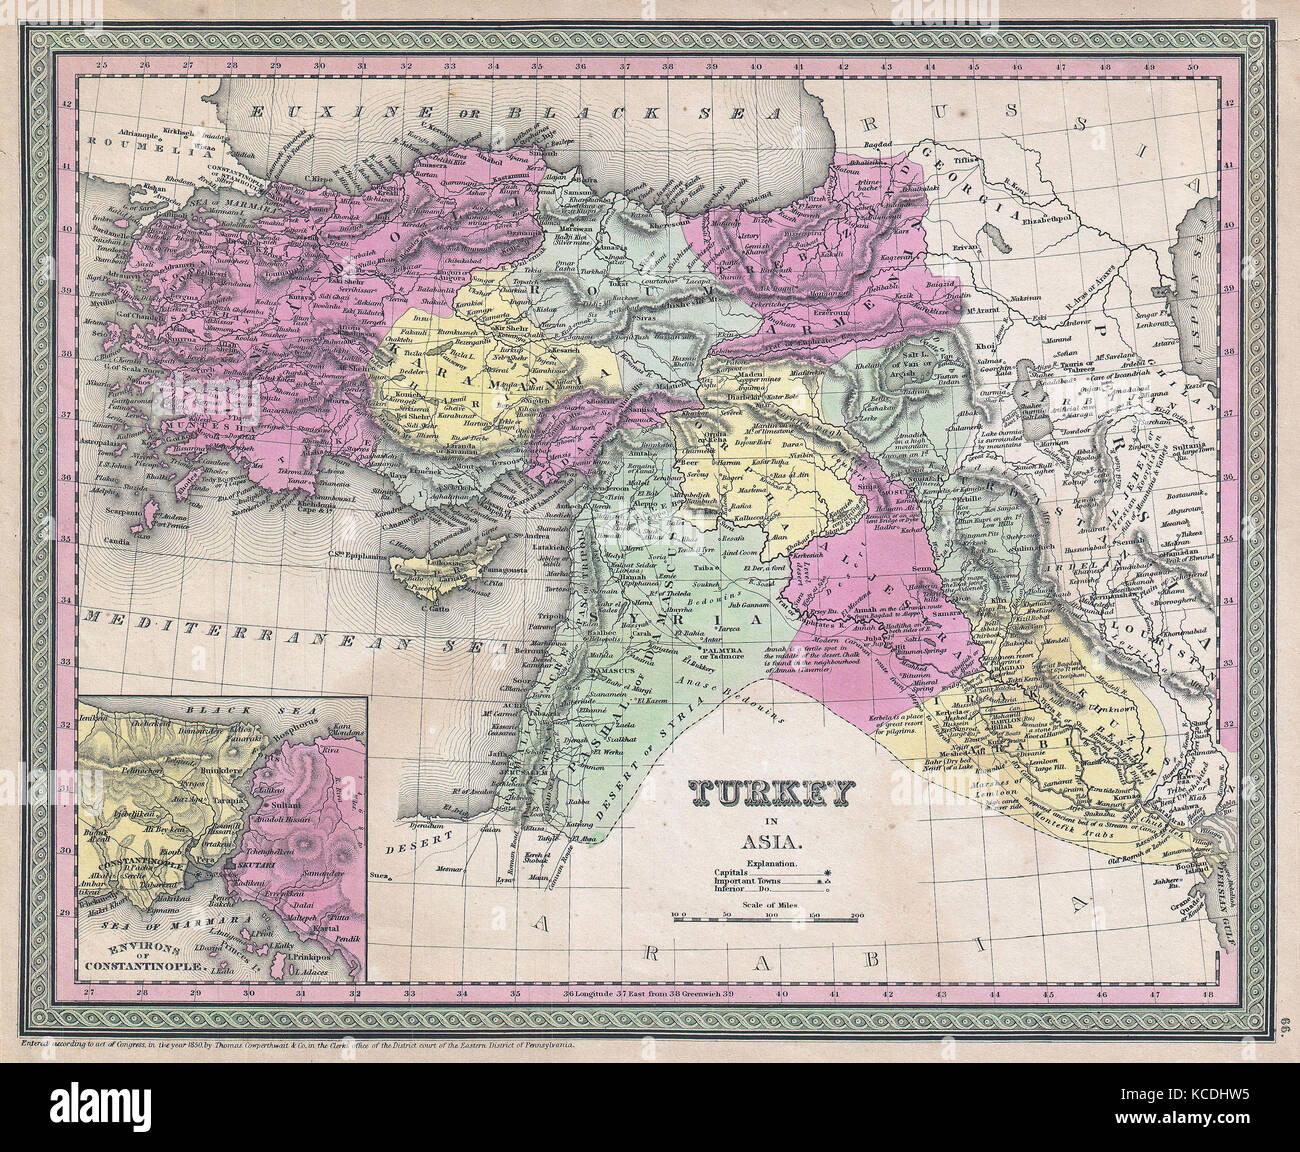 Syrien Irak Karte.1853 Mitchell Karte Der Türkei In Asien Palästina Syrien Irak